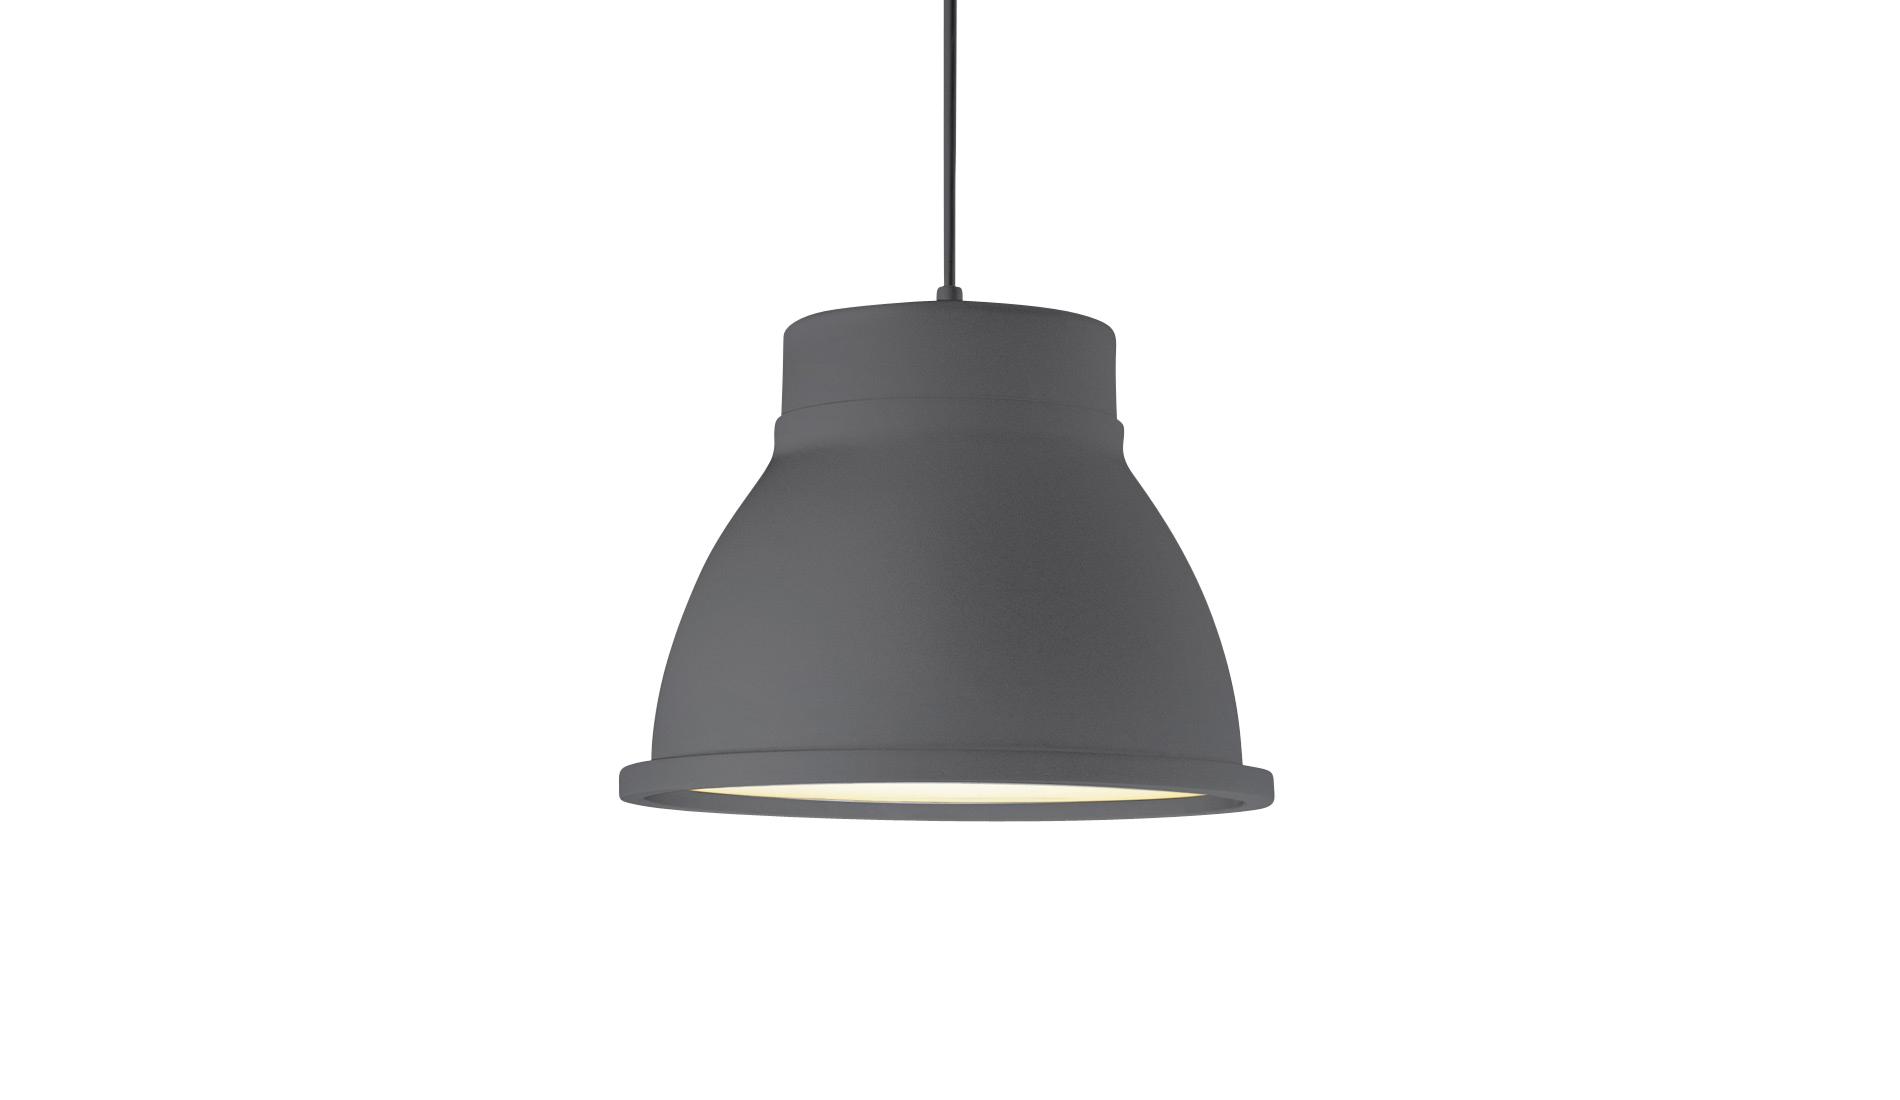 O design moderninho da luminária Unfold Form Us With Love, da Muuto, fica por conta da cúpula cinza de borracha. Com base em alumínio e difusor de vidro, pode ser encontrada na Ontwerp por R$ 1.564.